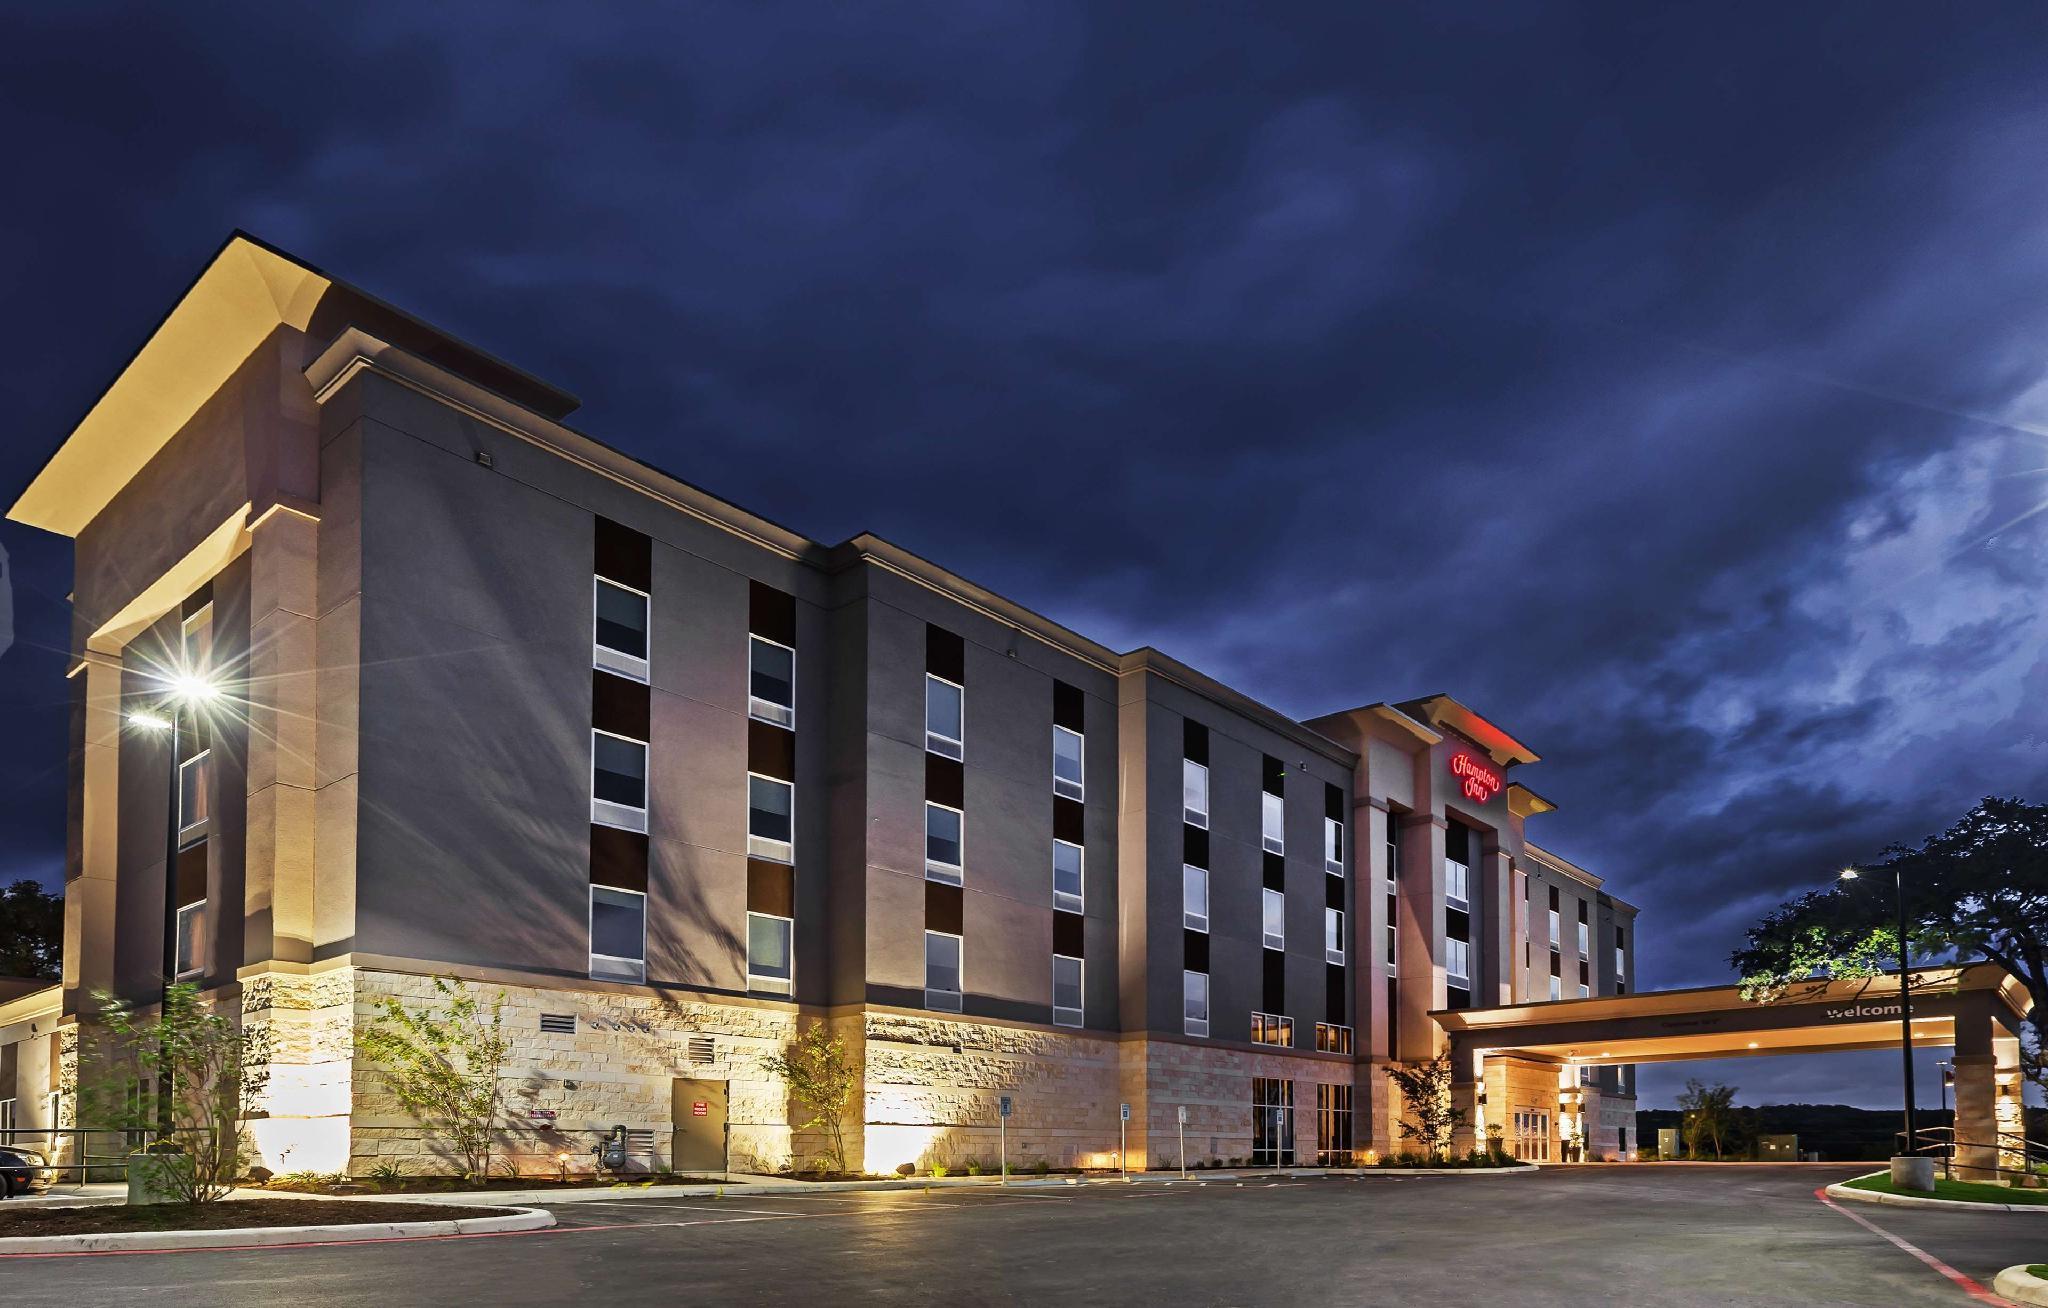 Hampton Inn By Hilton Bulverde Texas Hill Country